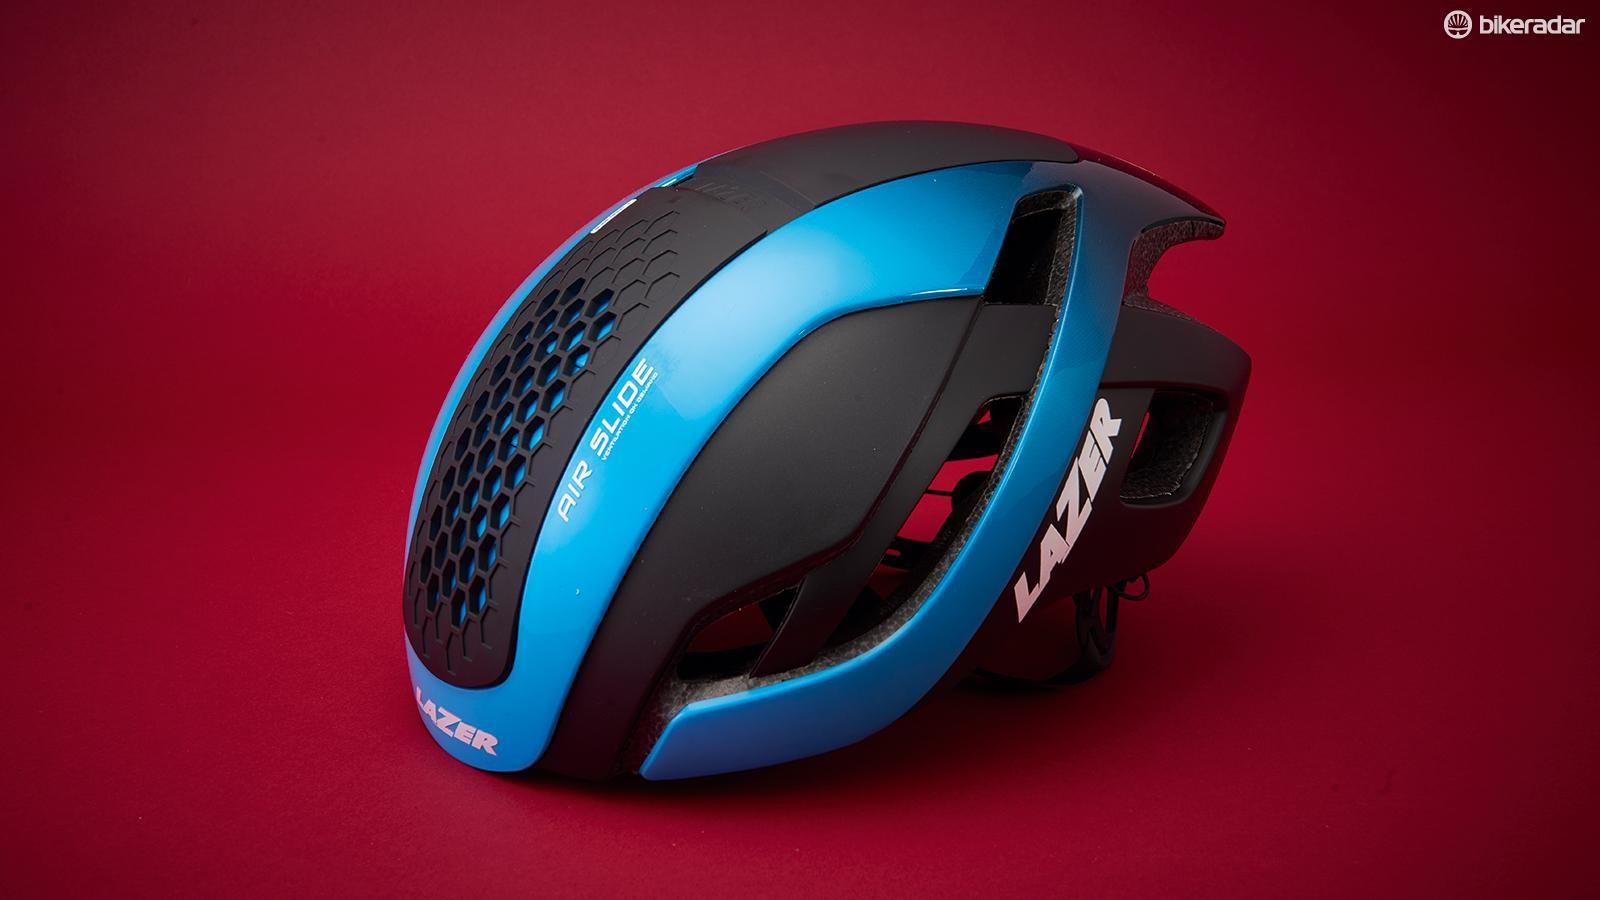 The Lazer Bullet aero helmet